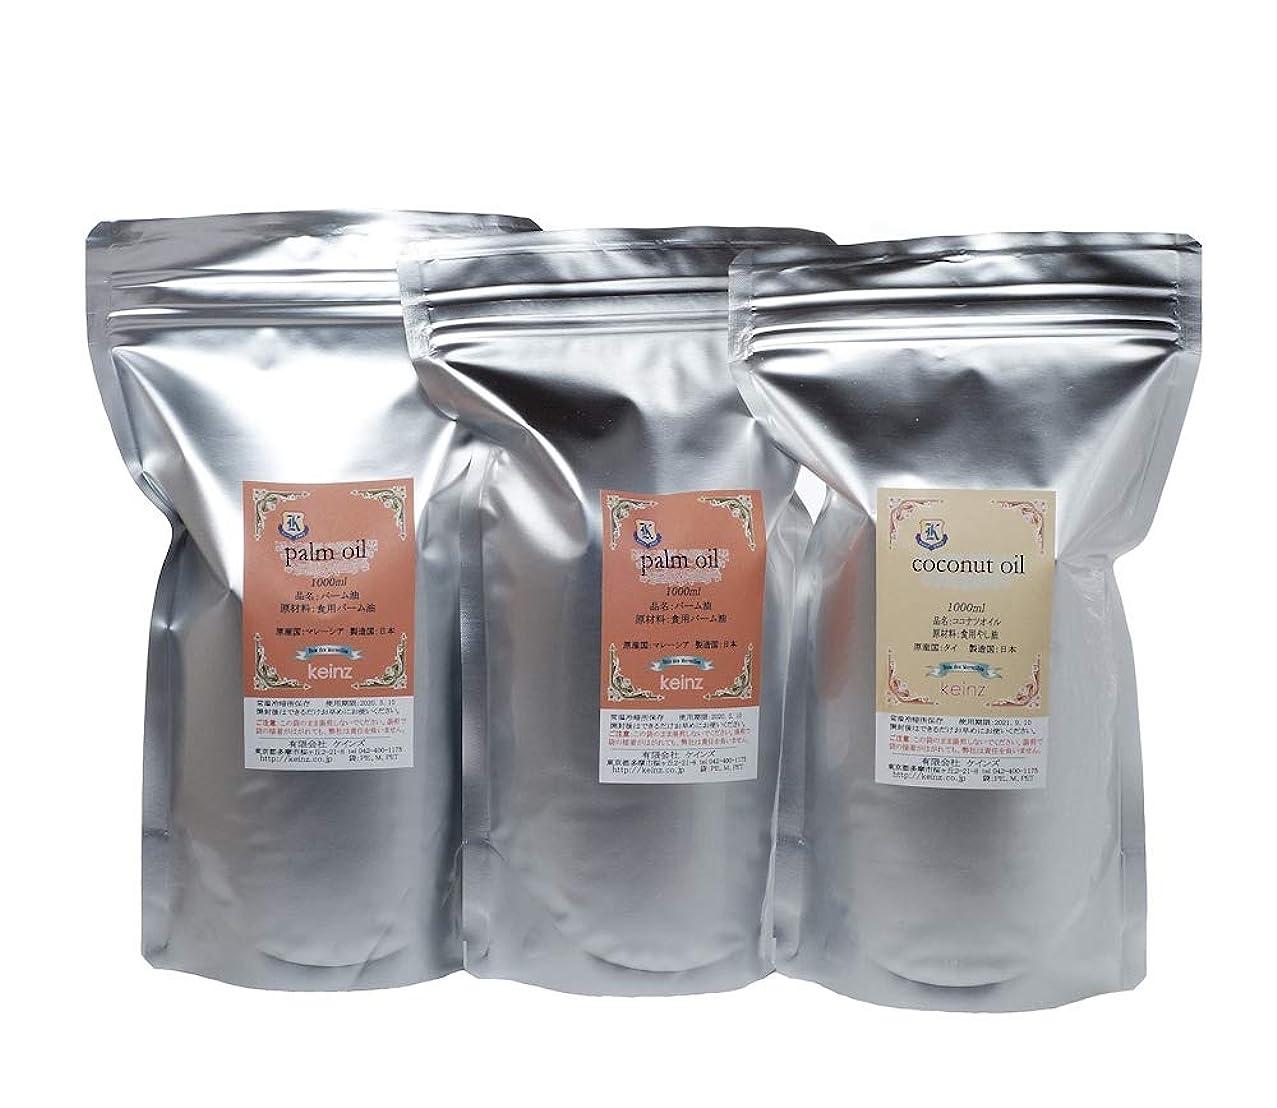 エレベーター呼吸り手作り石けん用 良質で新鮮 「パームオイル1L ?2個」と「ココナツオイル(ヤシ油)1L ?1個」のセット 原産国:マレーシア/フィリピン 日本製 固まっている時は袋をナイフでカットして固形オイルを簡単に取り出せます。 液体の時は袋のチャックの上をハサミでカットしてOK. 袋は燃えるゴミで捨てることが出来ます。